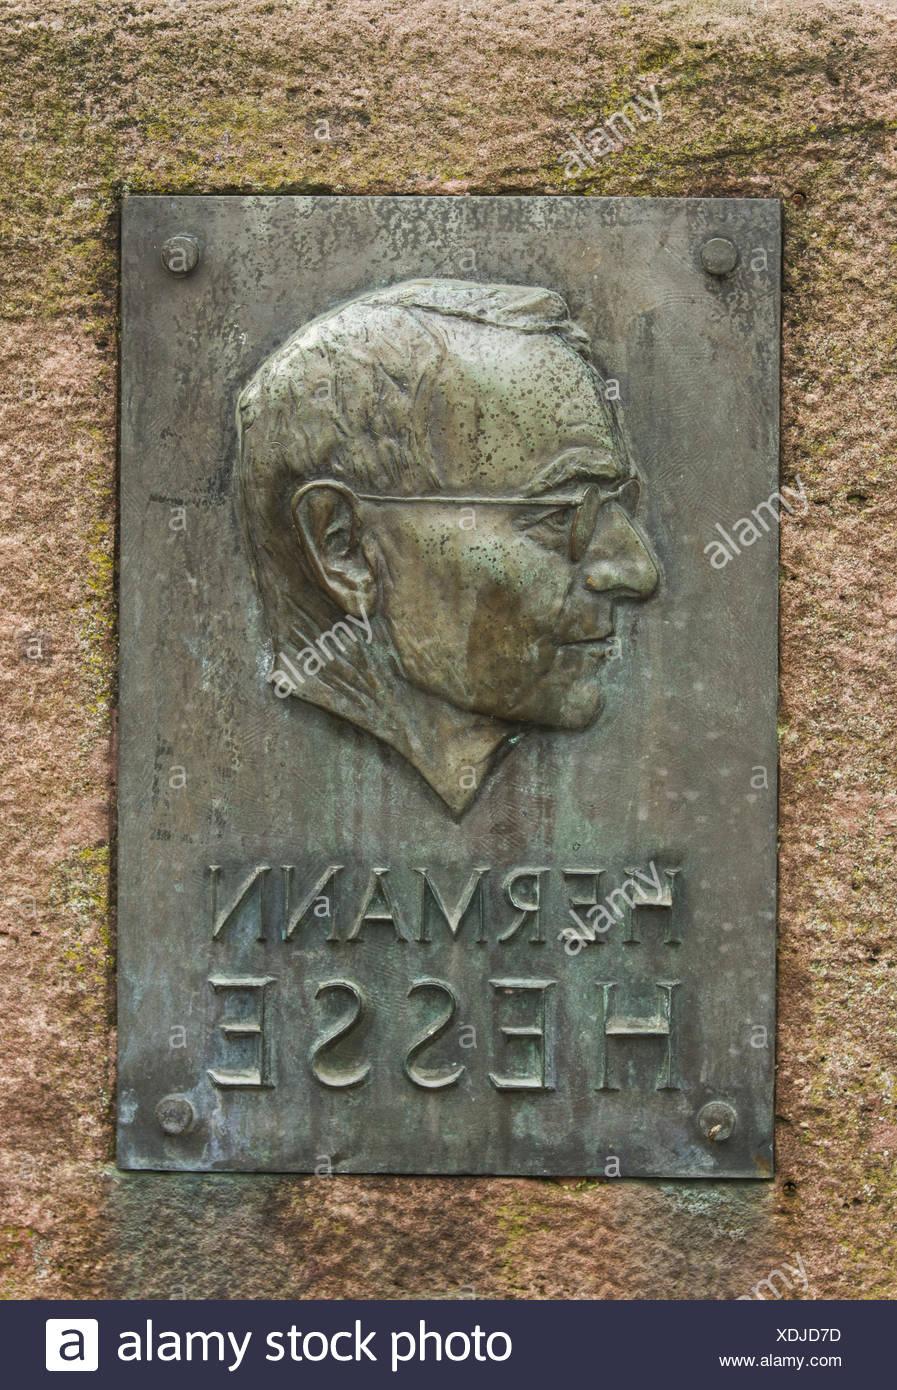 Hesse gedicht brunnen